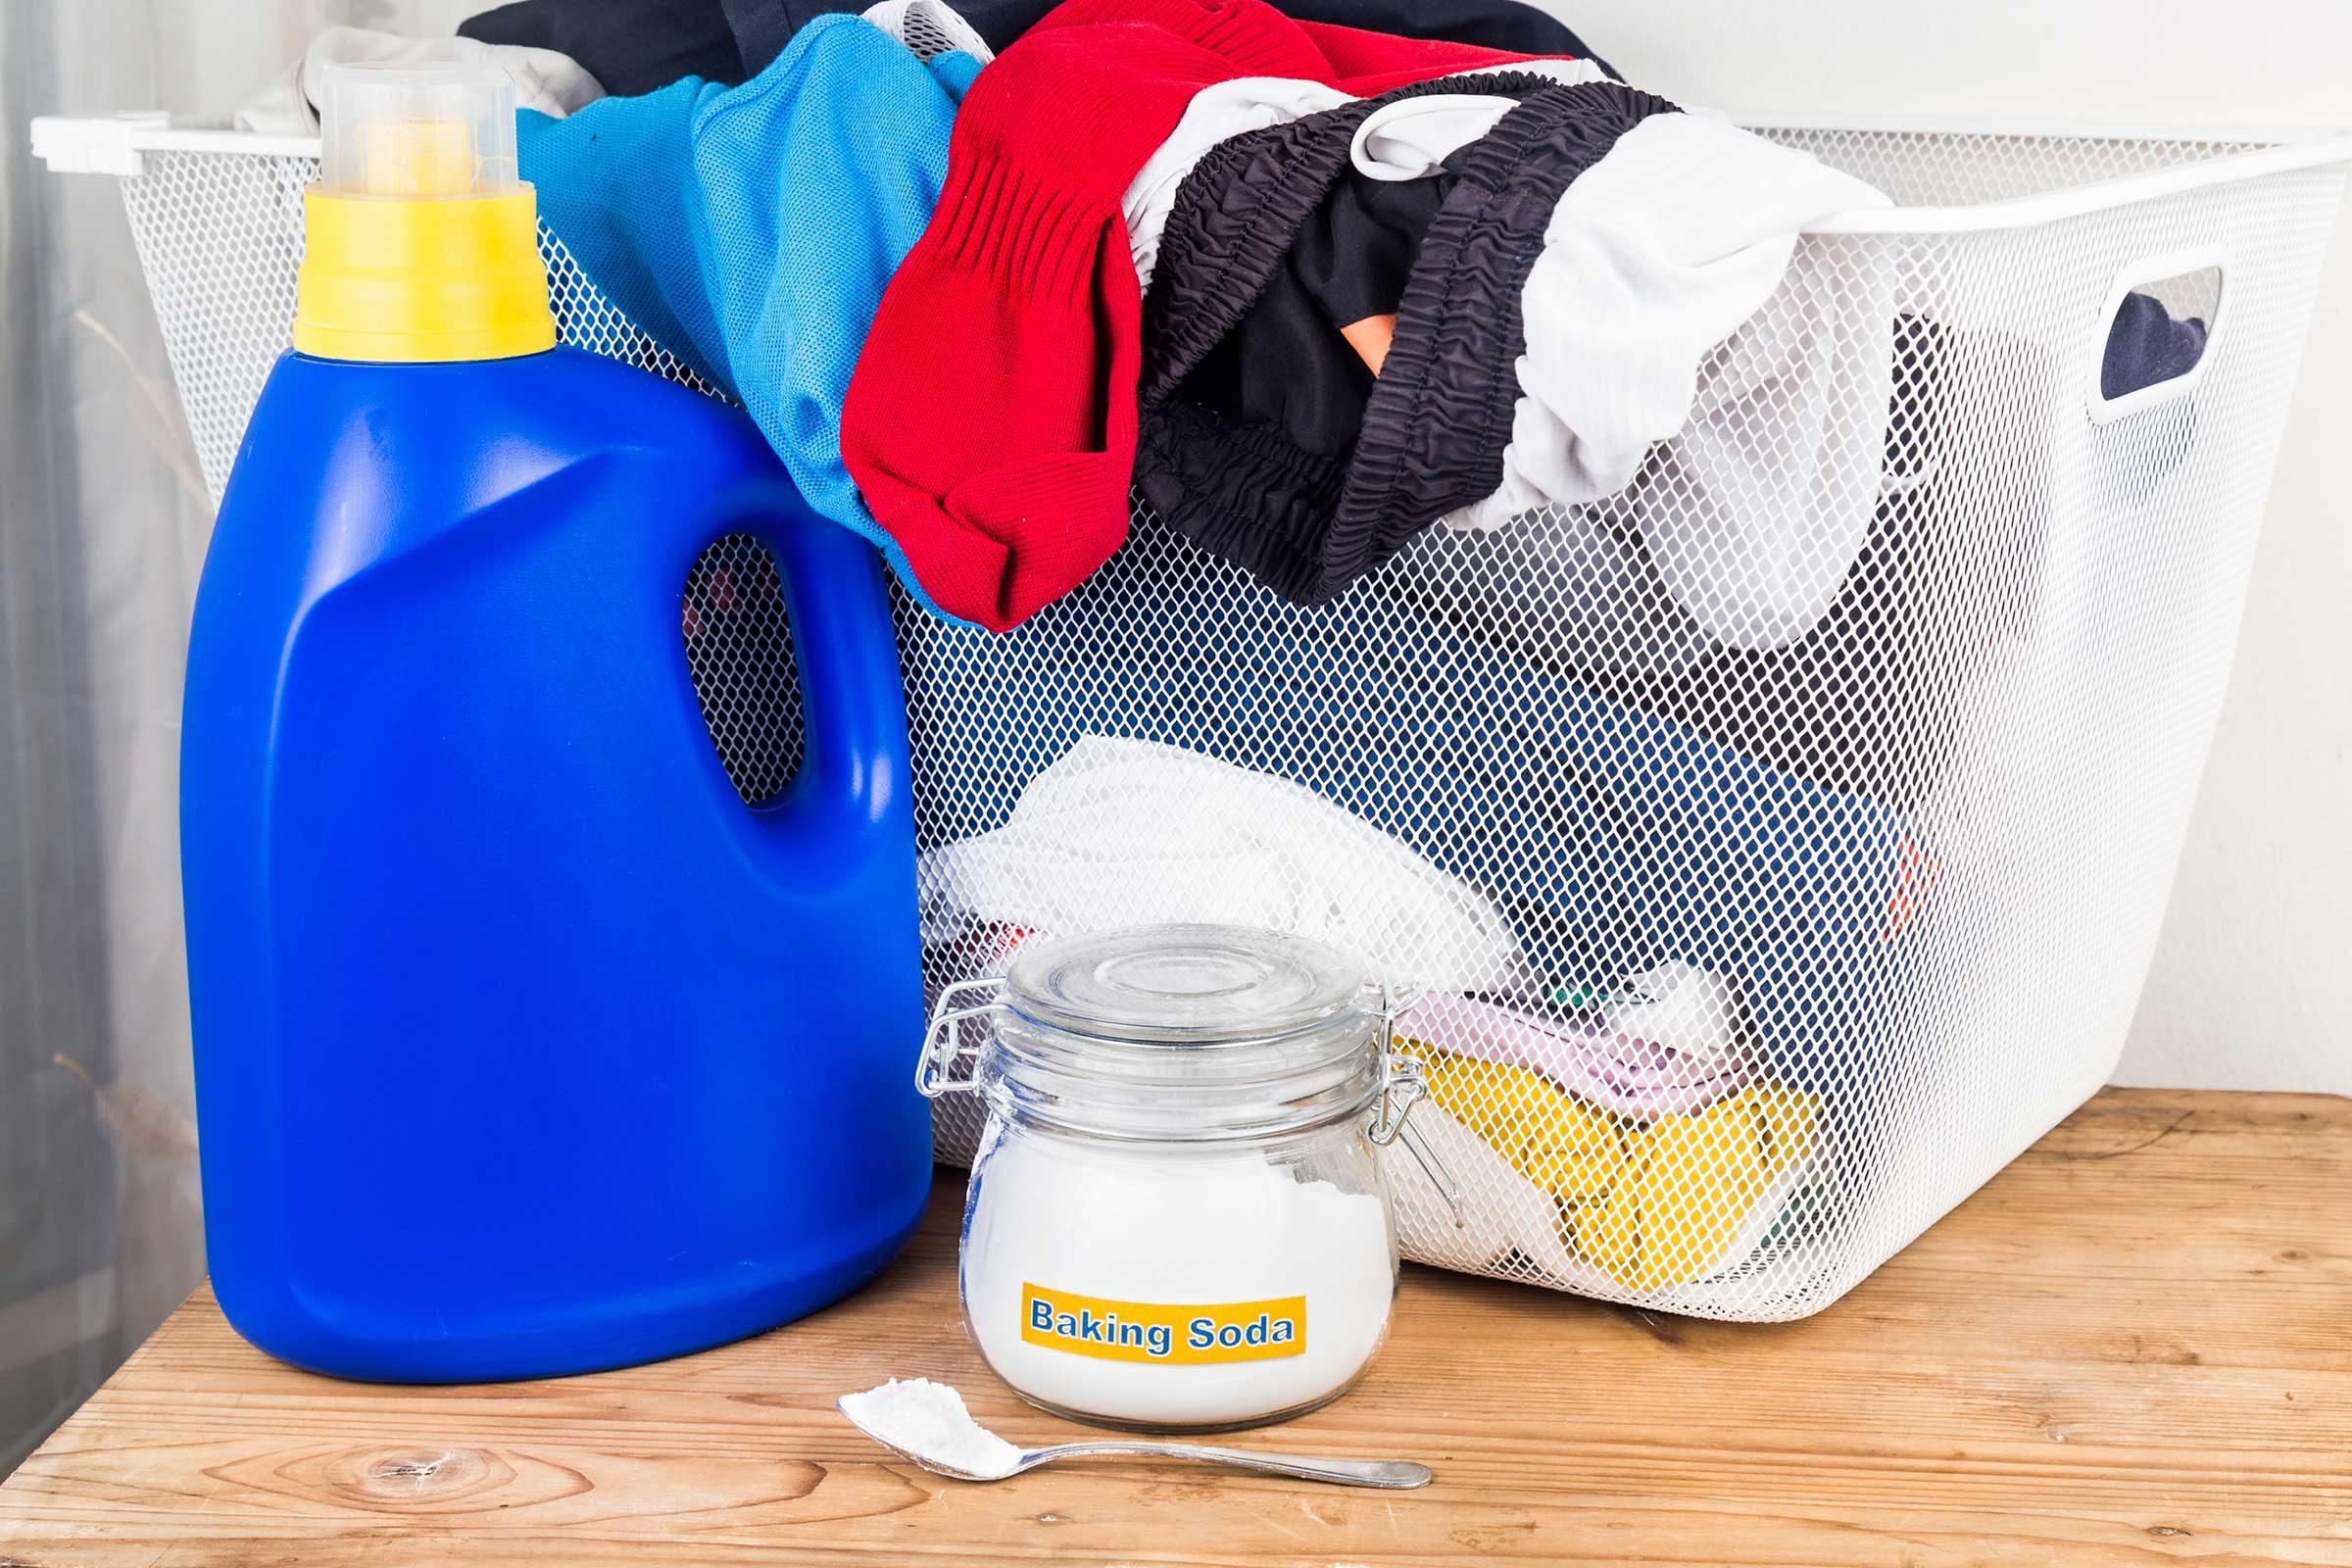 Le bicarbonate de soude augmente l'efficacité de la lessive.